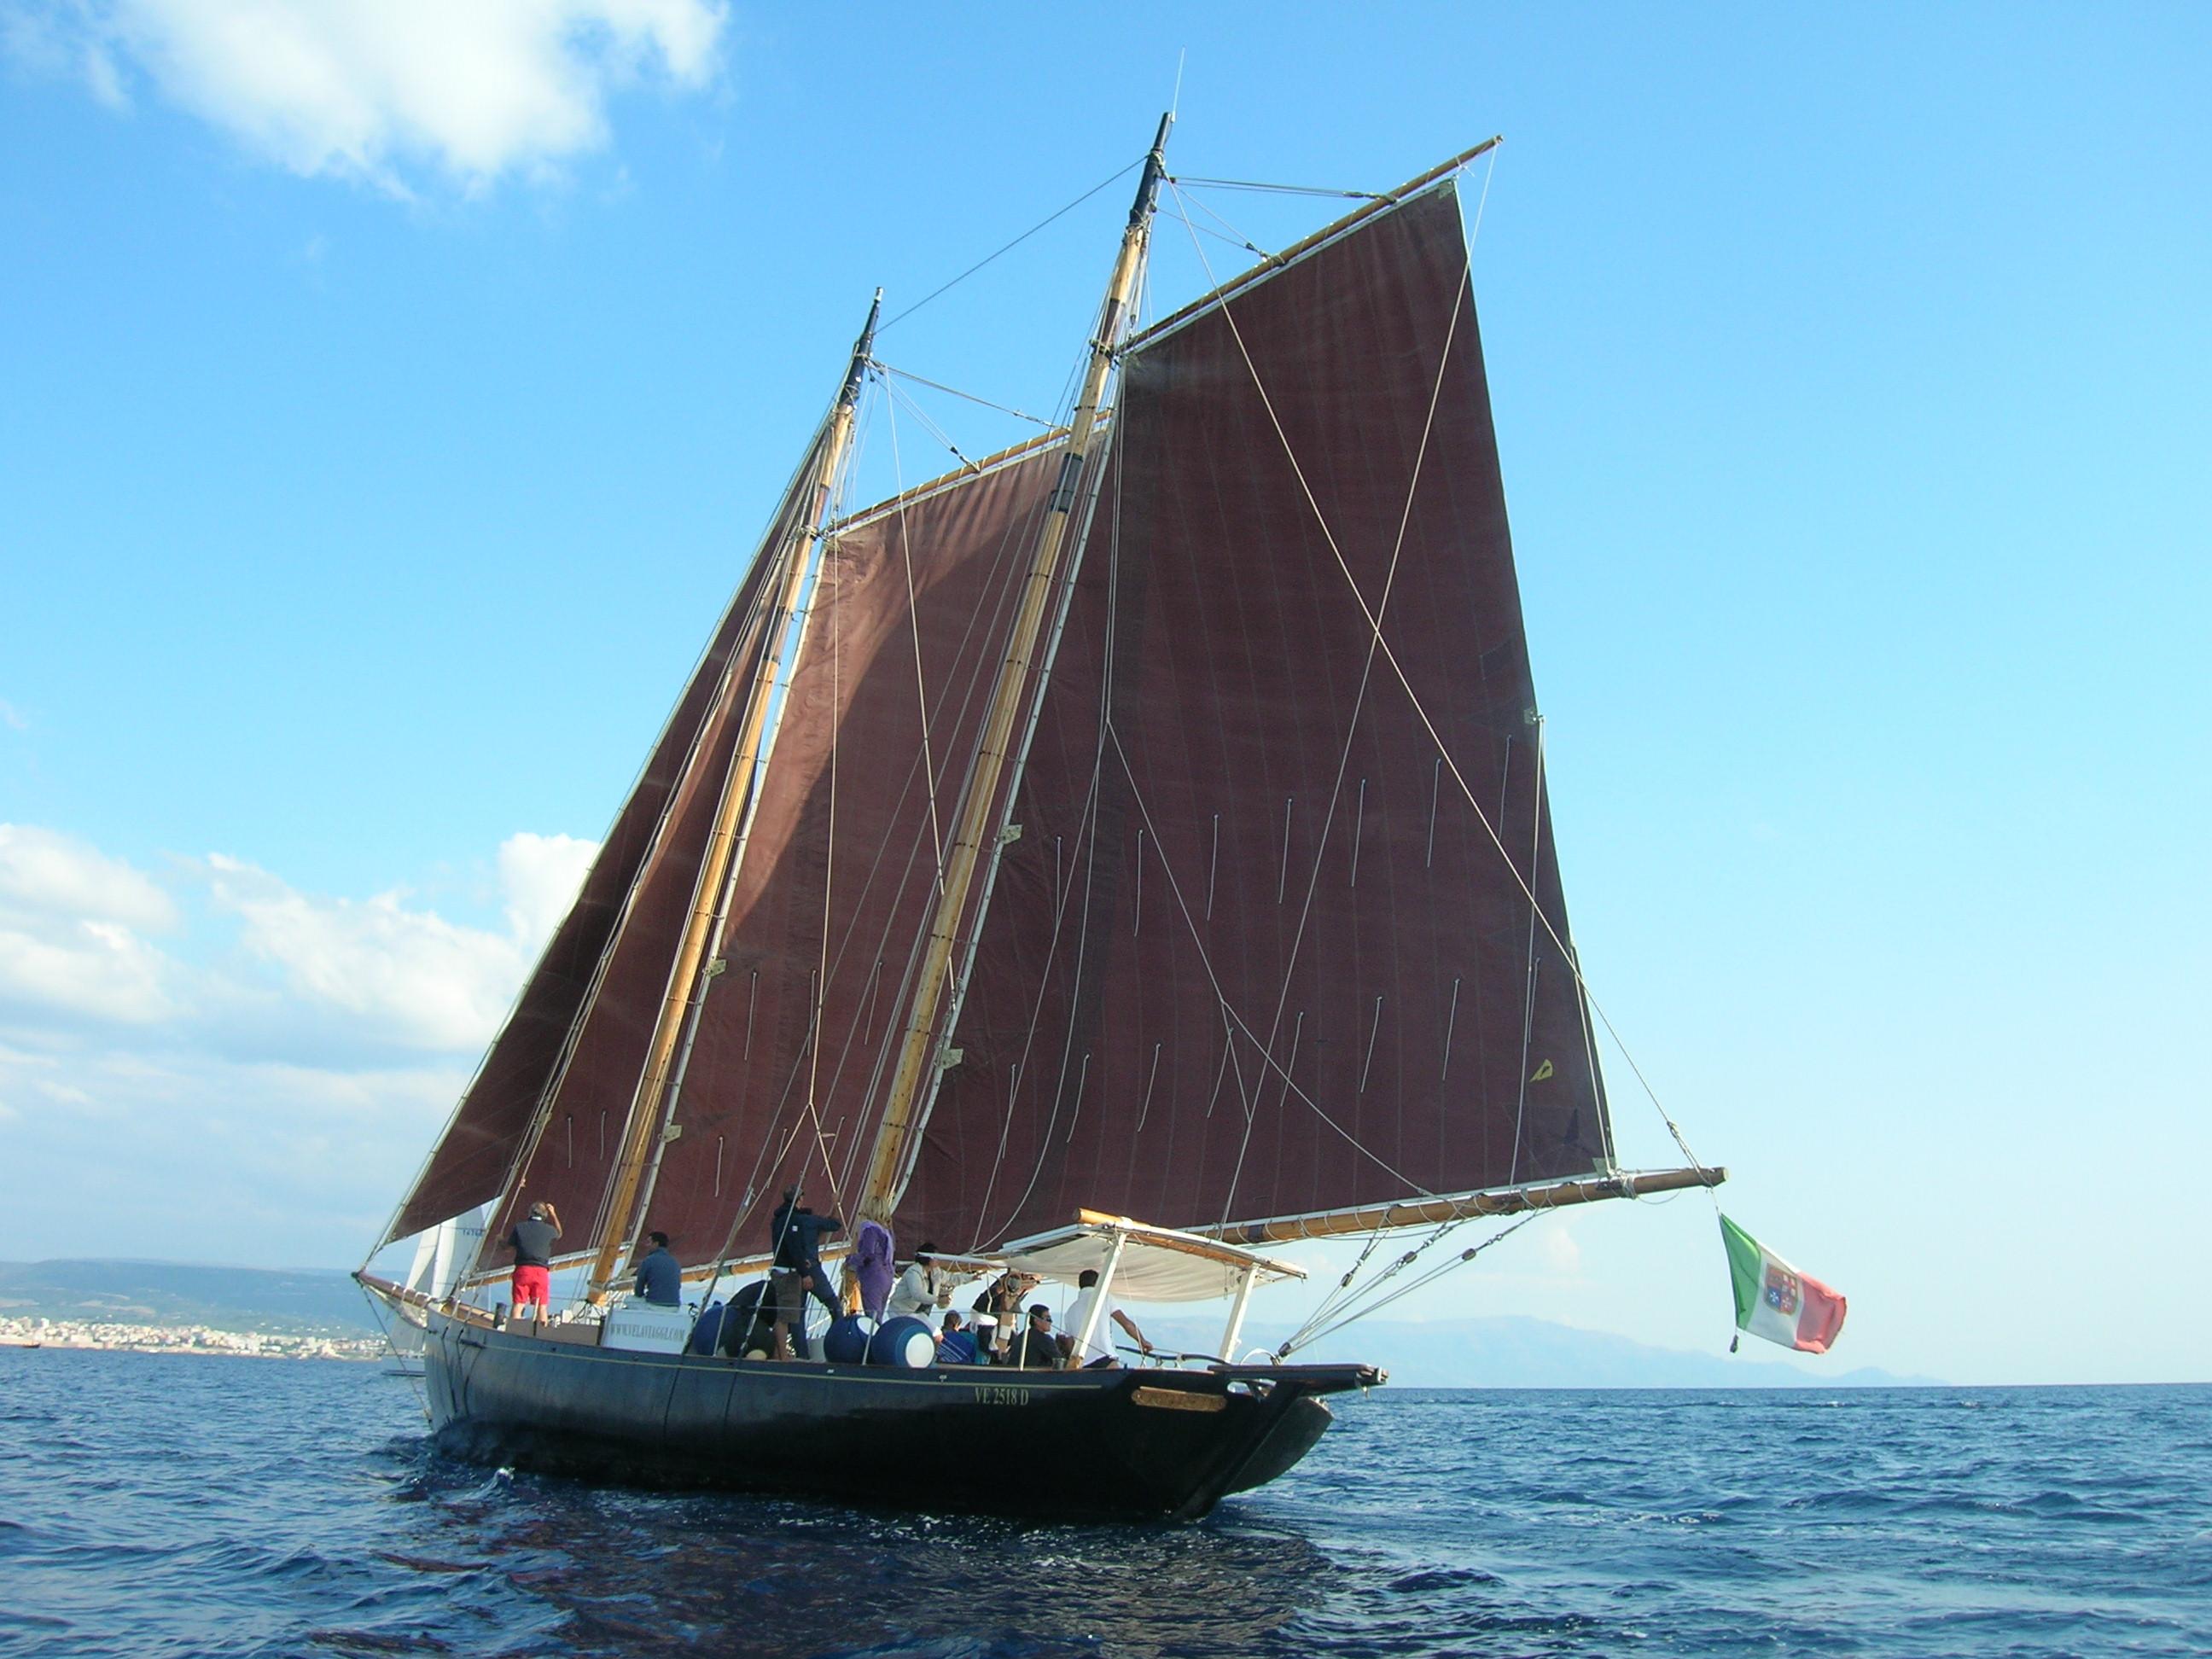 Noleggio Aereo Privato Quanto Costa : Quanto costa affittare barca a vela con skipper viaggiamo